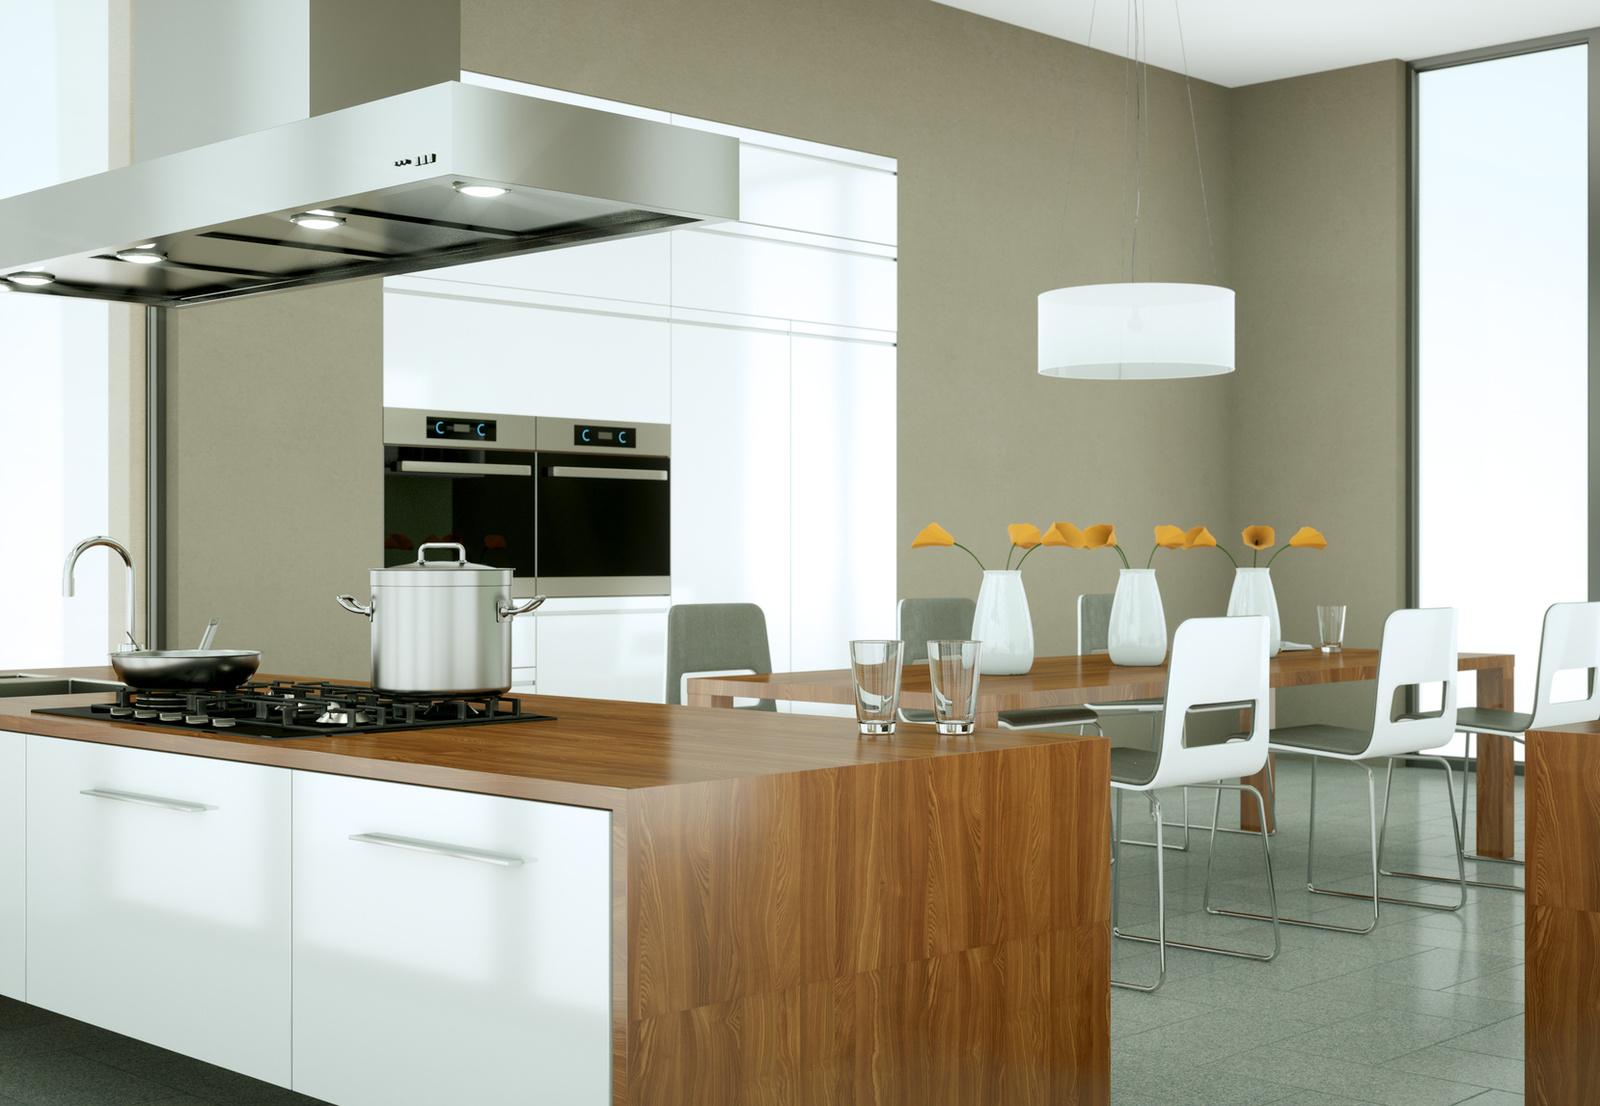 Keukens en badkamers Minderhout | Sven Goeman